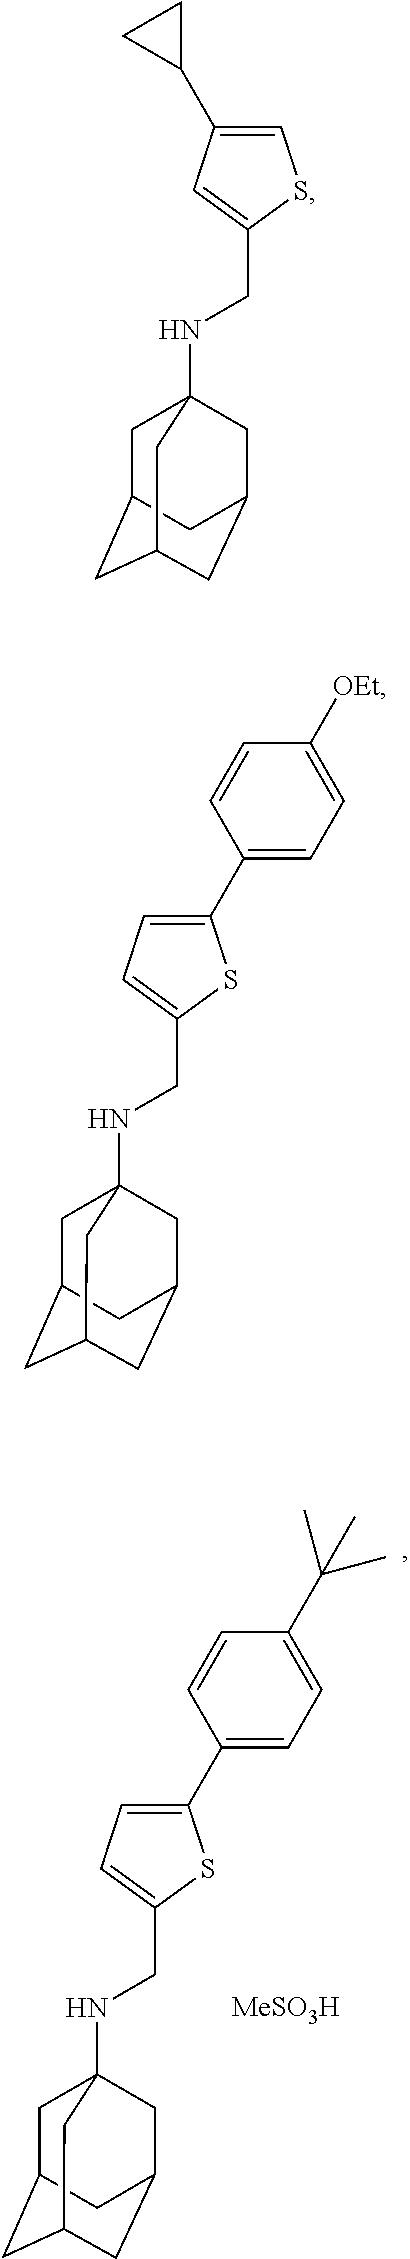 Figure US09884832-20180206-C00194